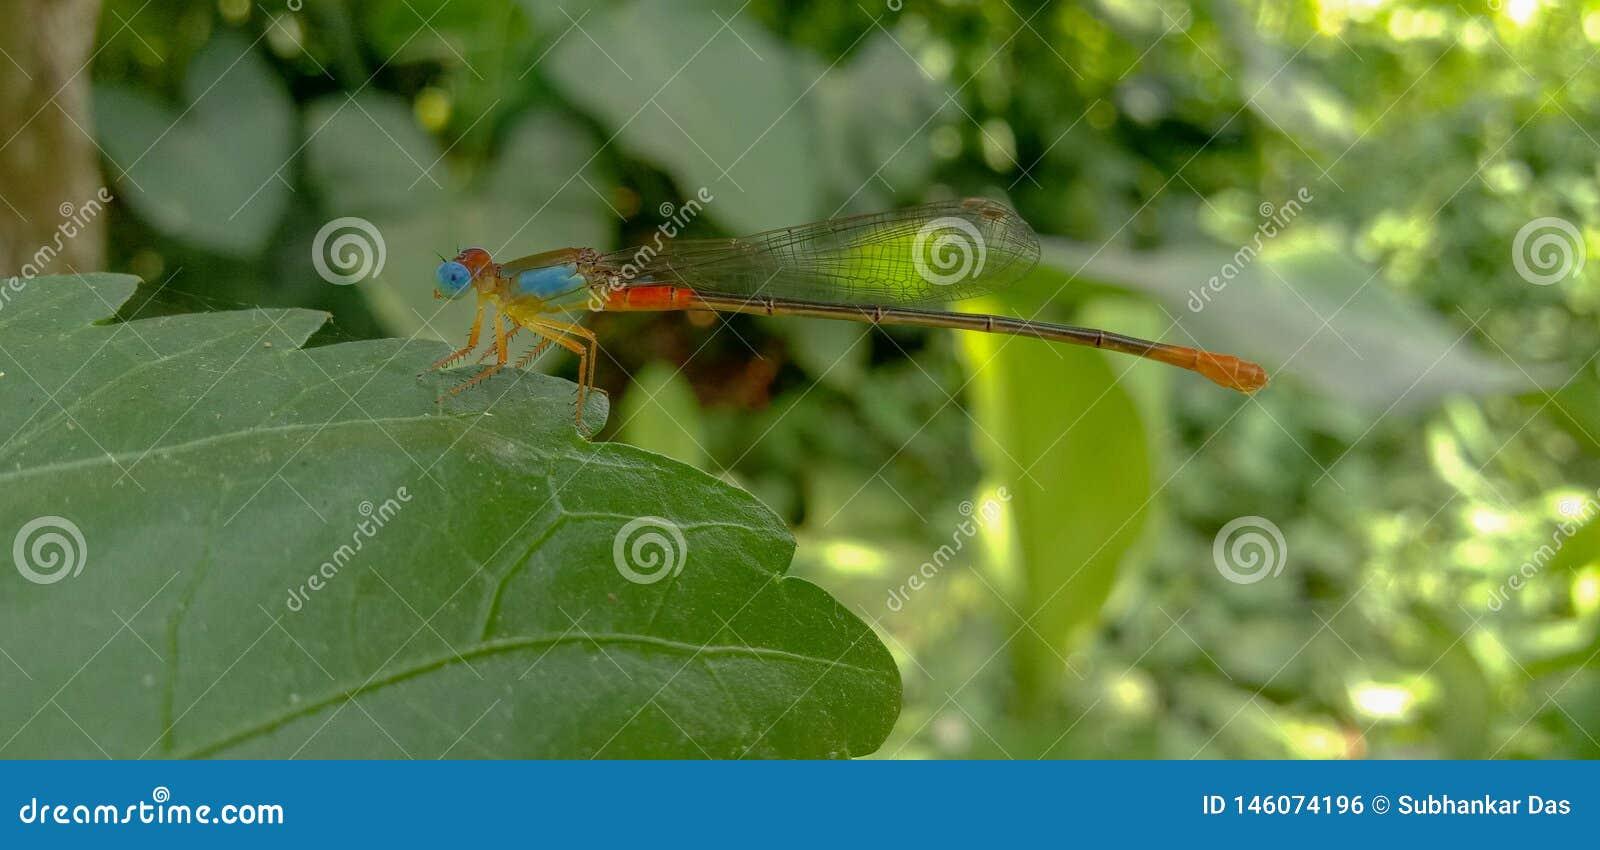 Bild des blauäugigen Libelleninsekts in einem Garten/in einem Wald mit unscharfem Hintergrund